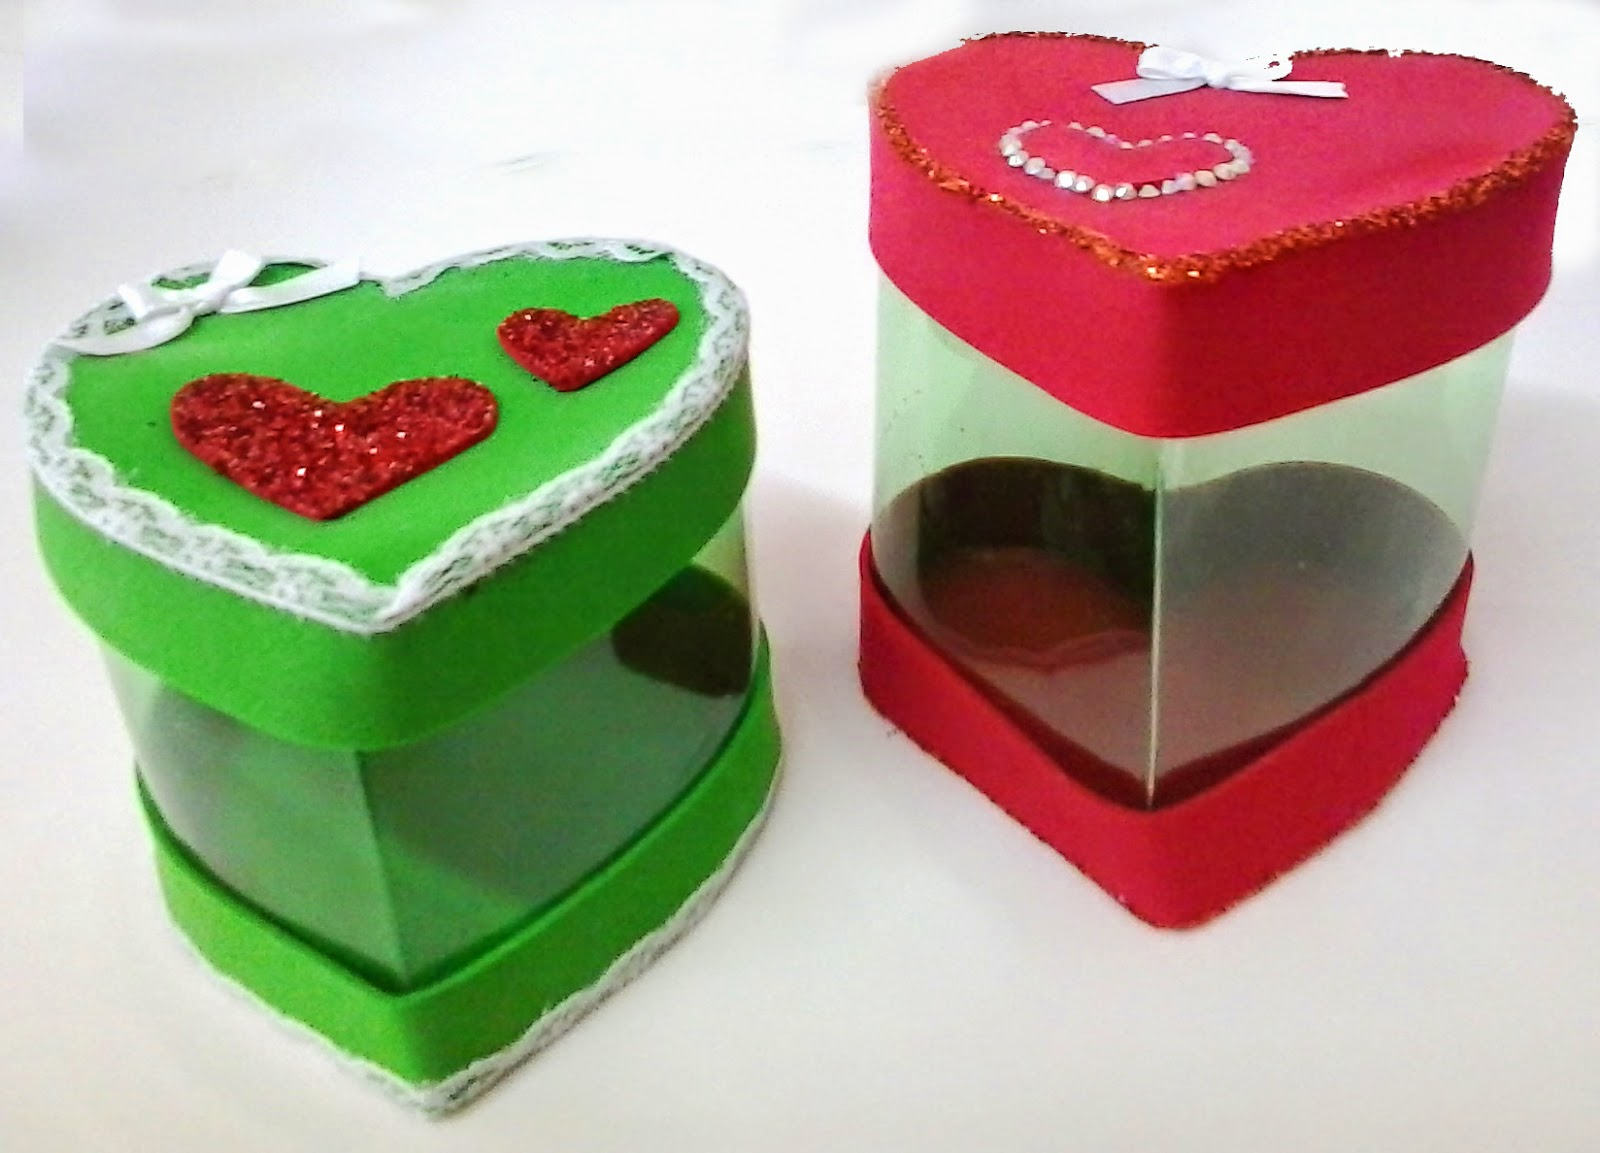 Caixinha artesanal feita com garrafa pet em formato de coração